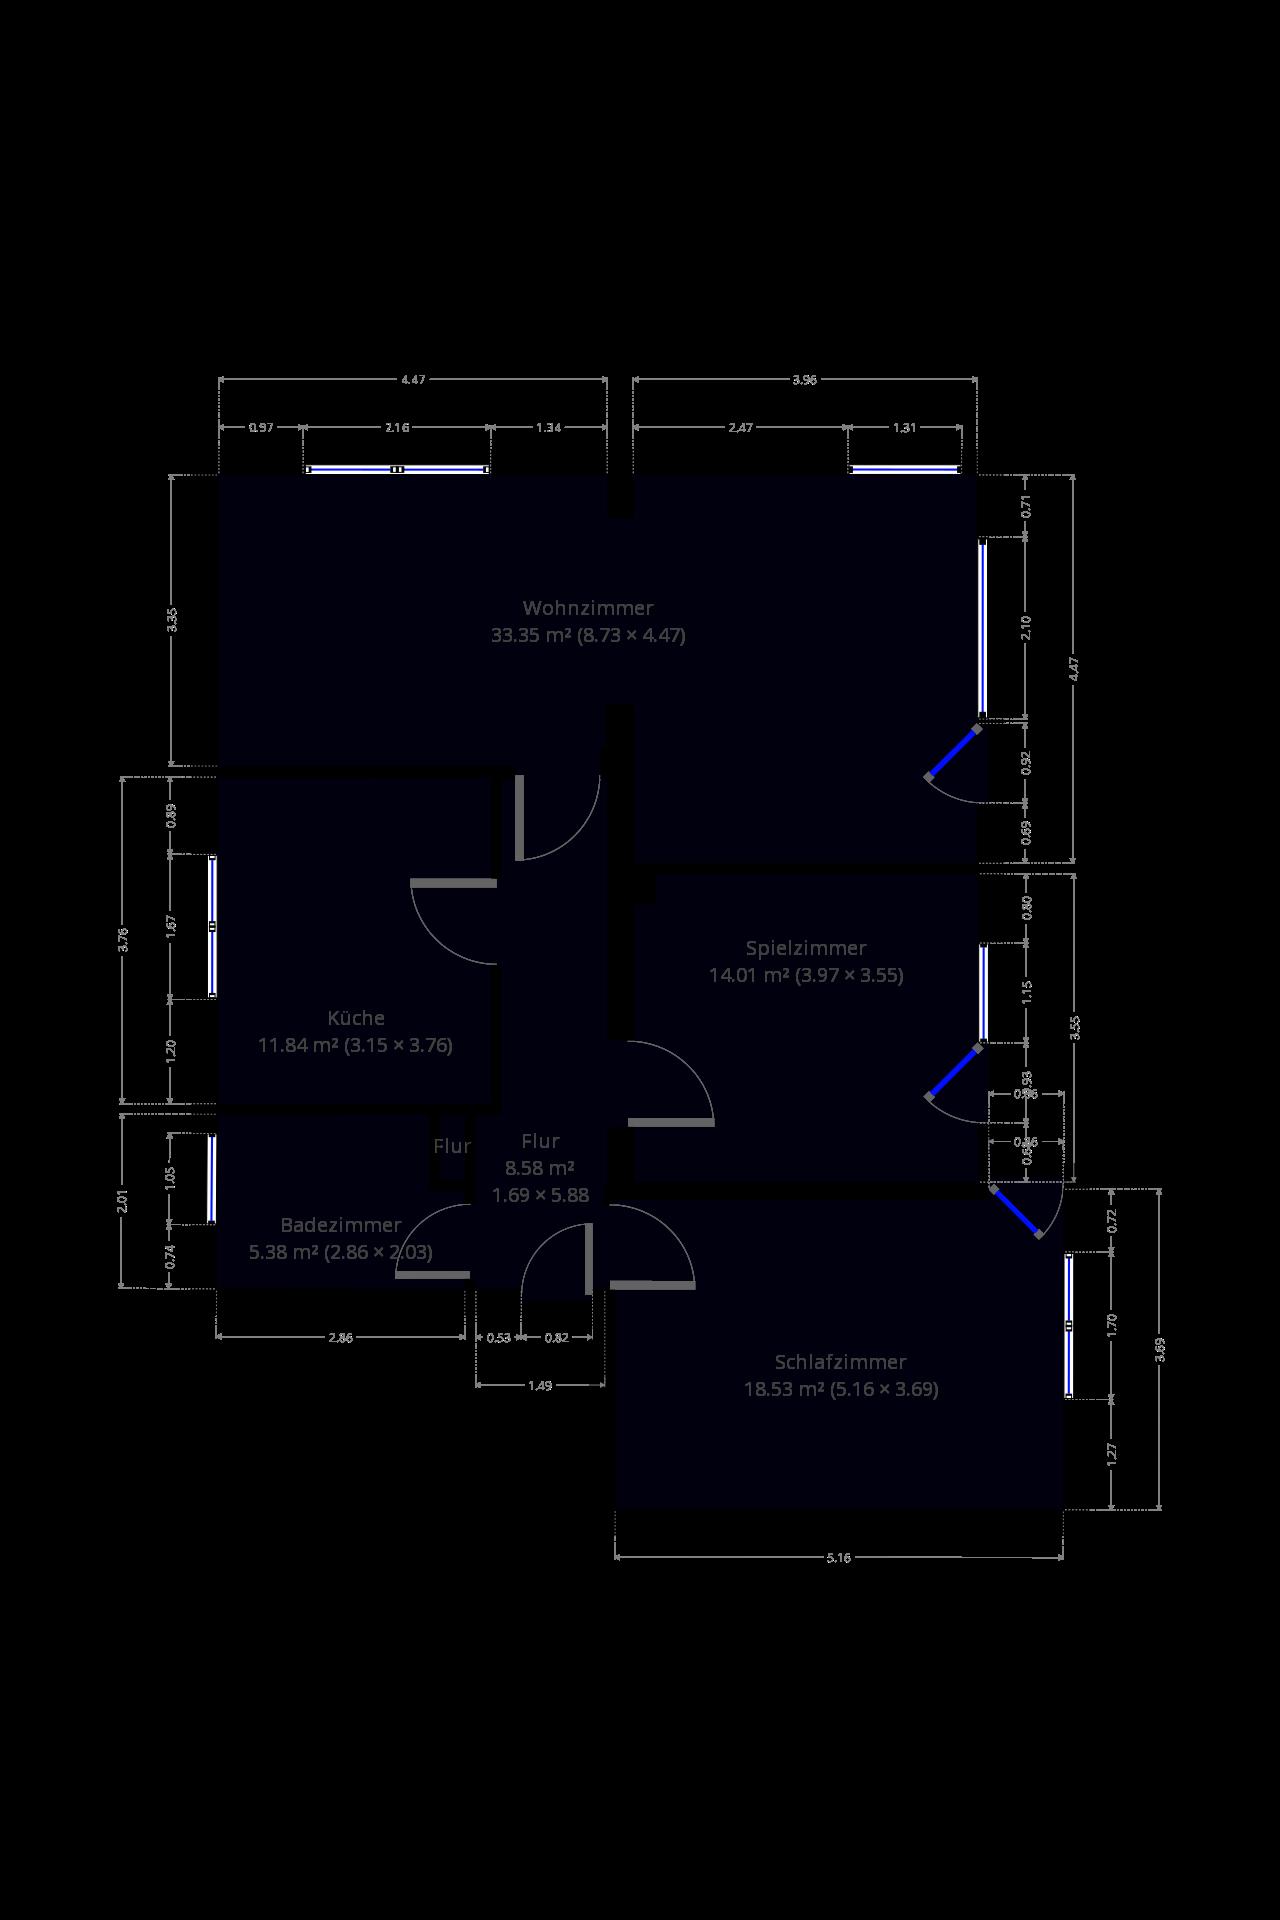 Wohnung - Erdgeschoss.png